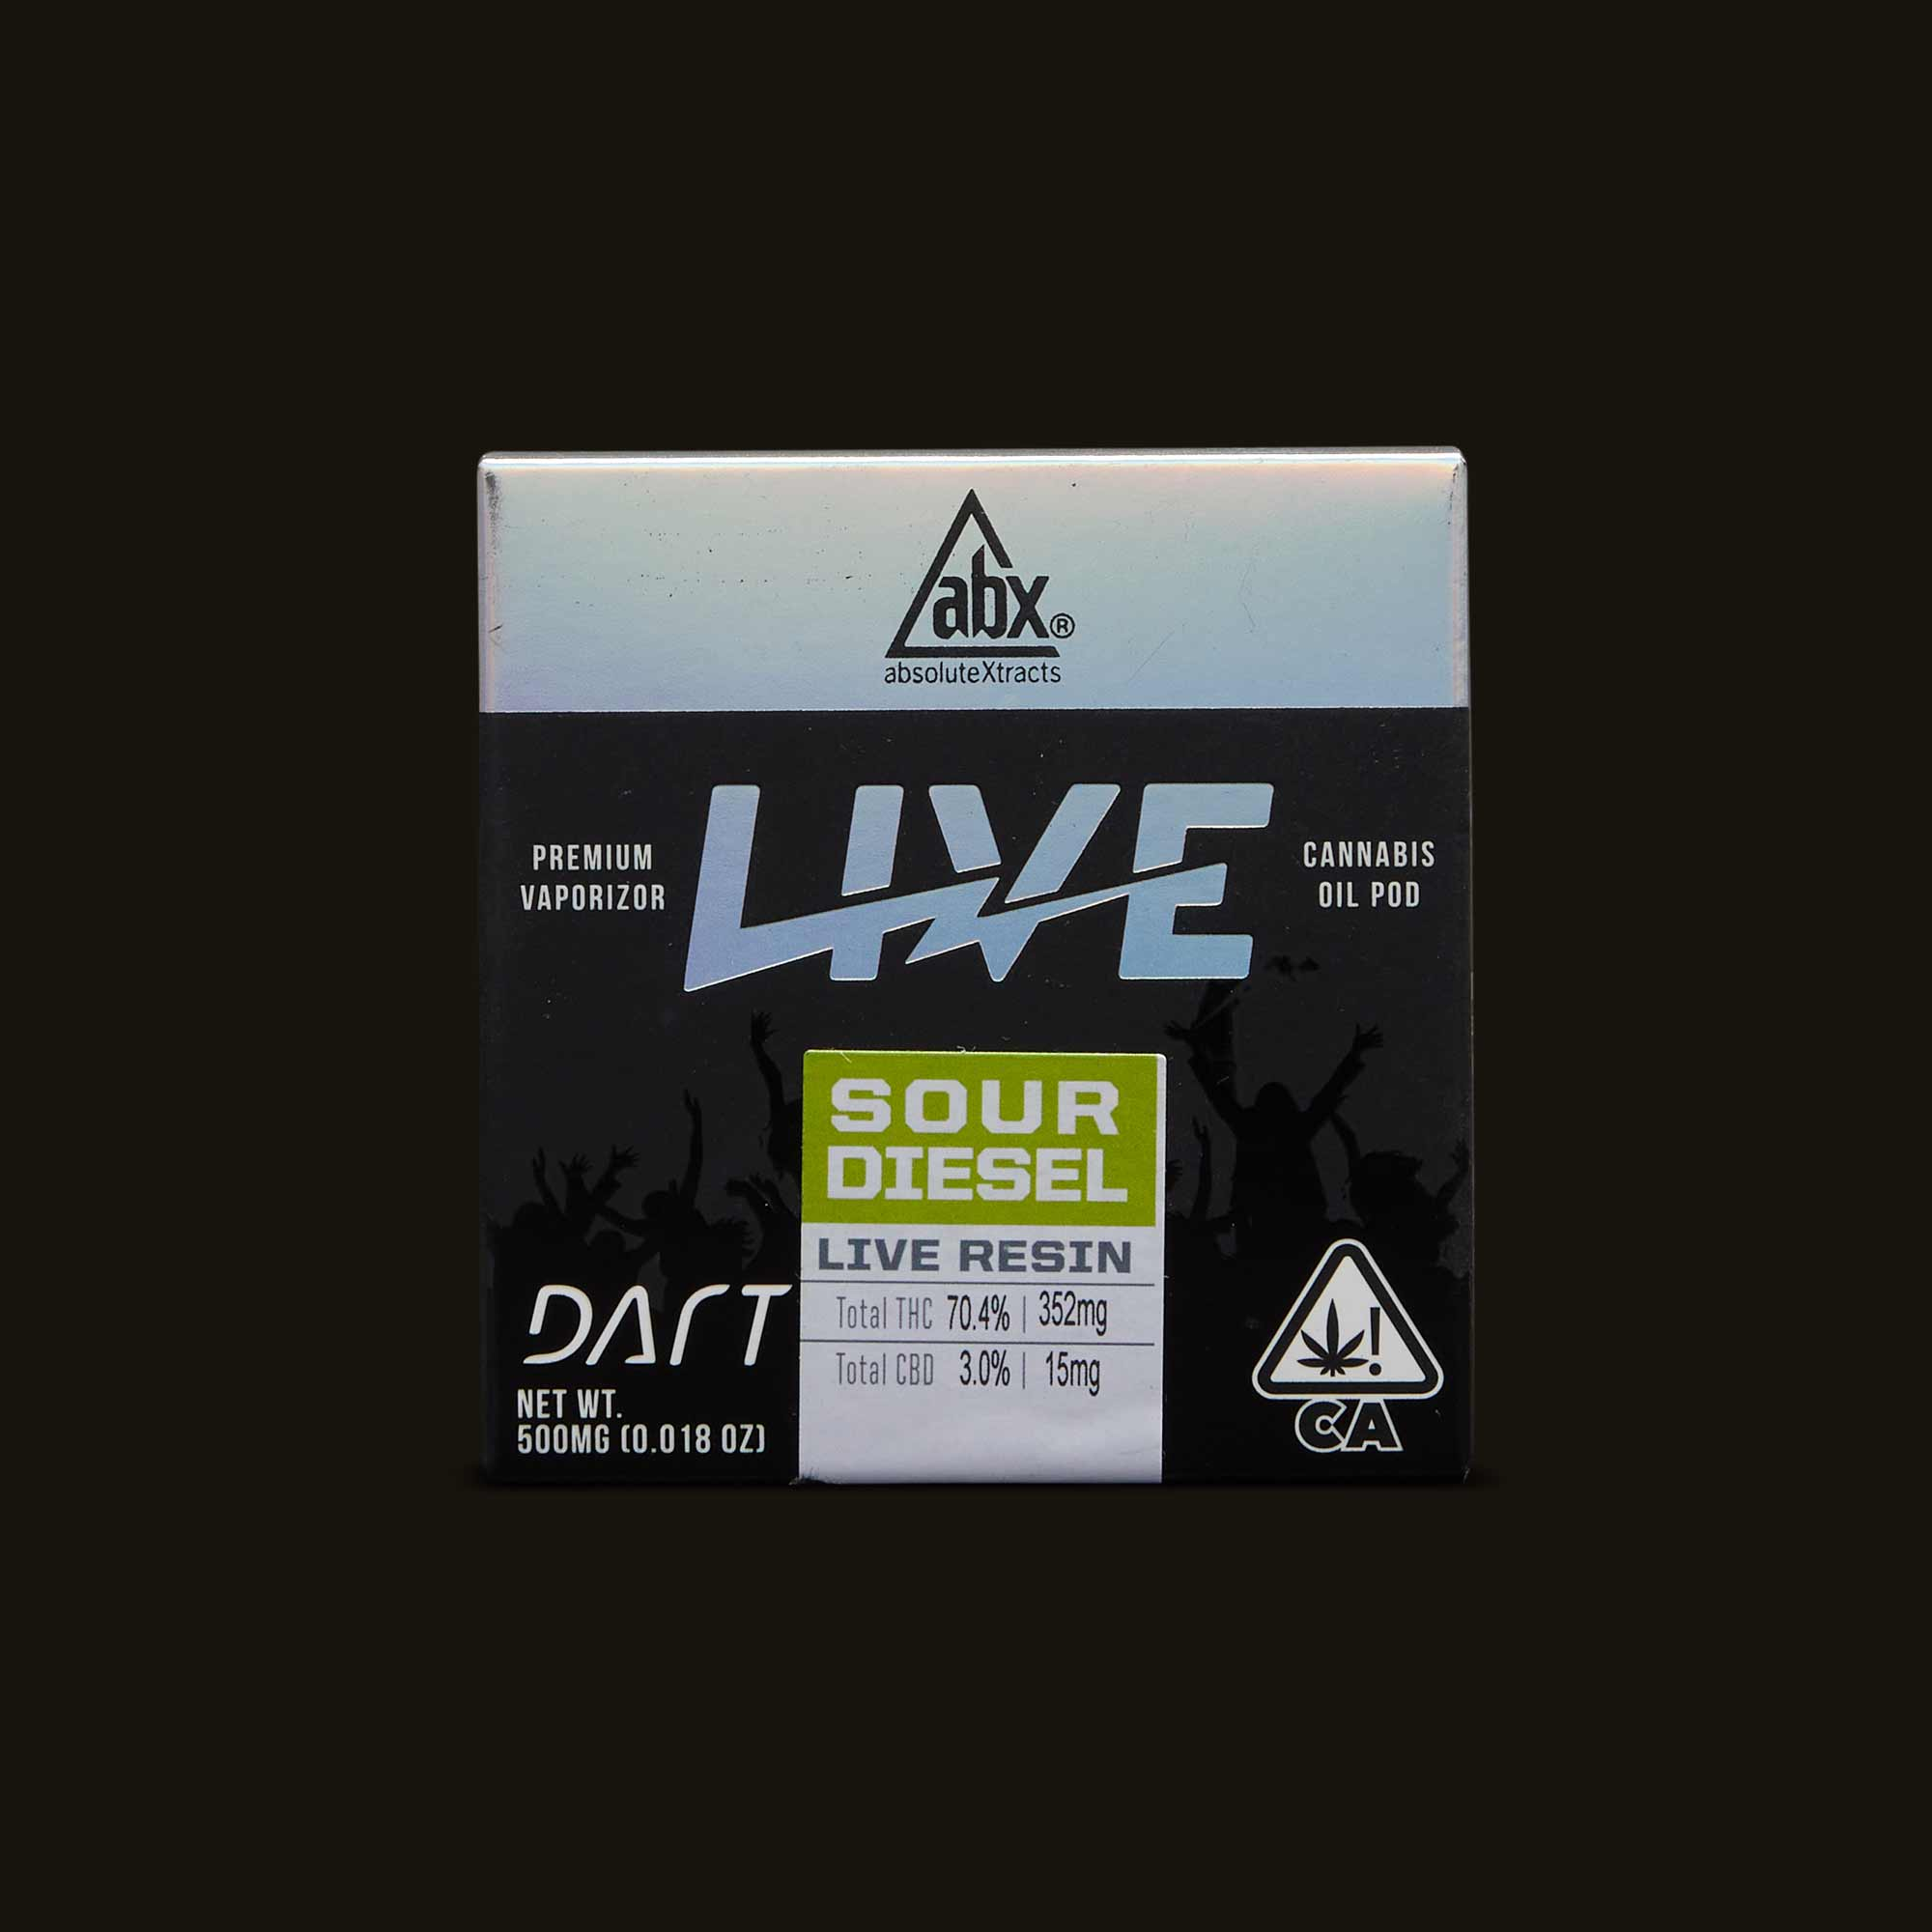 Sour Diesel Live Resin Dart Pod - 1 dart pod